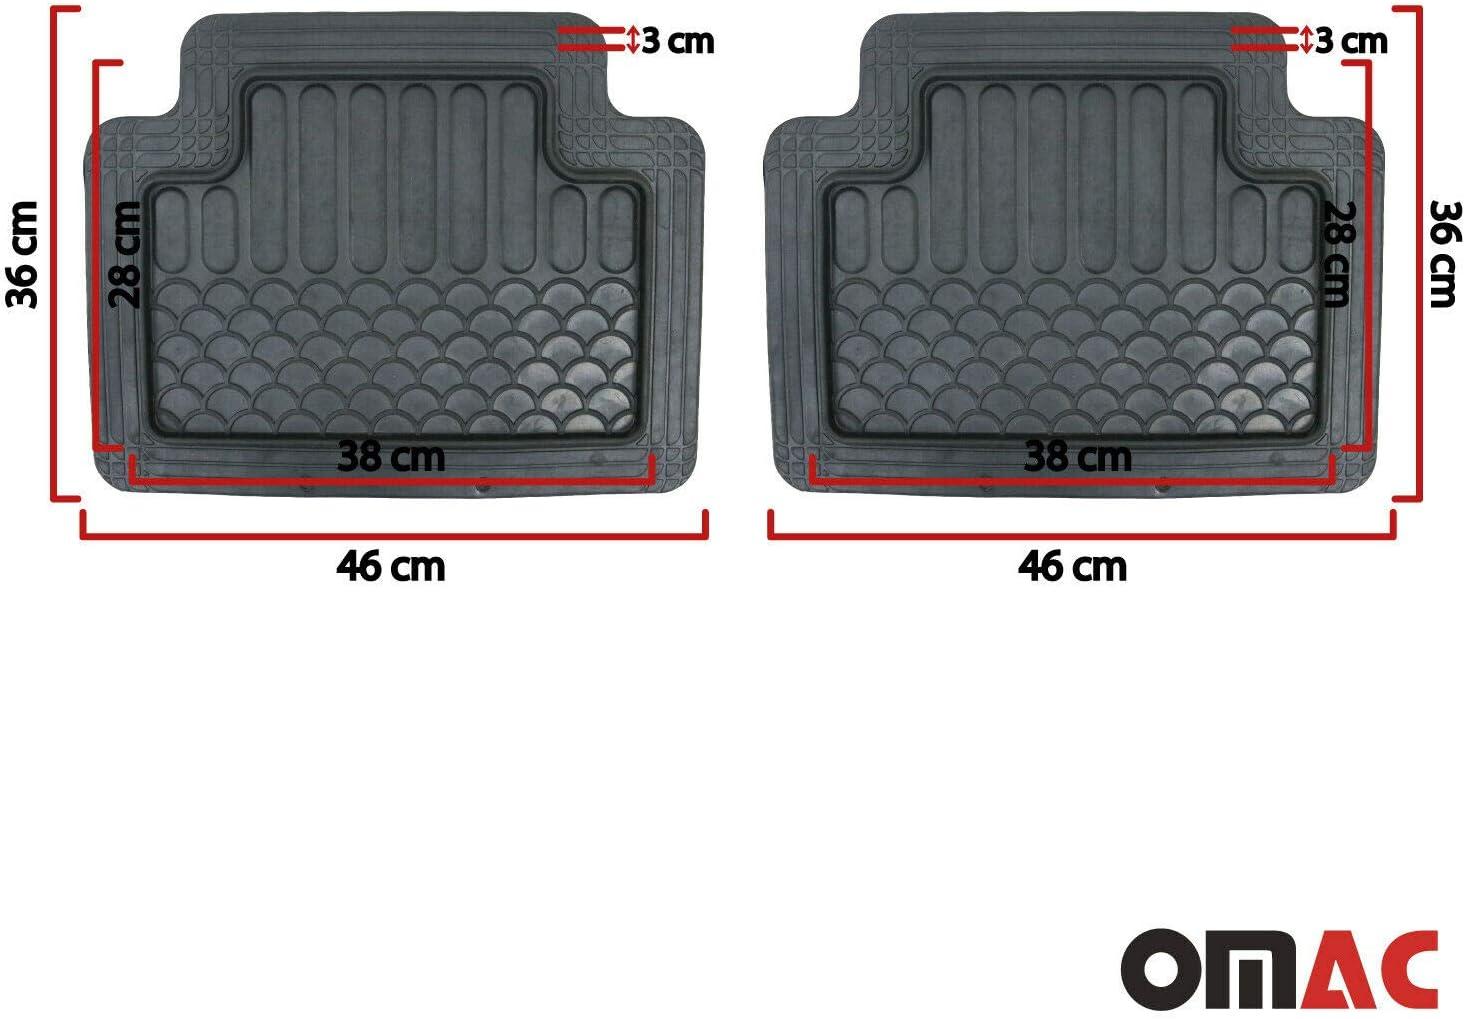 Omac GmbH Tapis de sol de voiture toutes saisons Tapis de coffre d/écoupable Set pour Corsa Tapis de voiture en caoutchouc Bac de coffre Noir